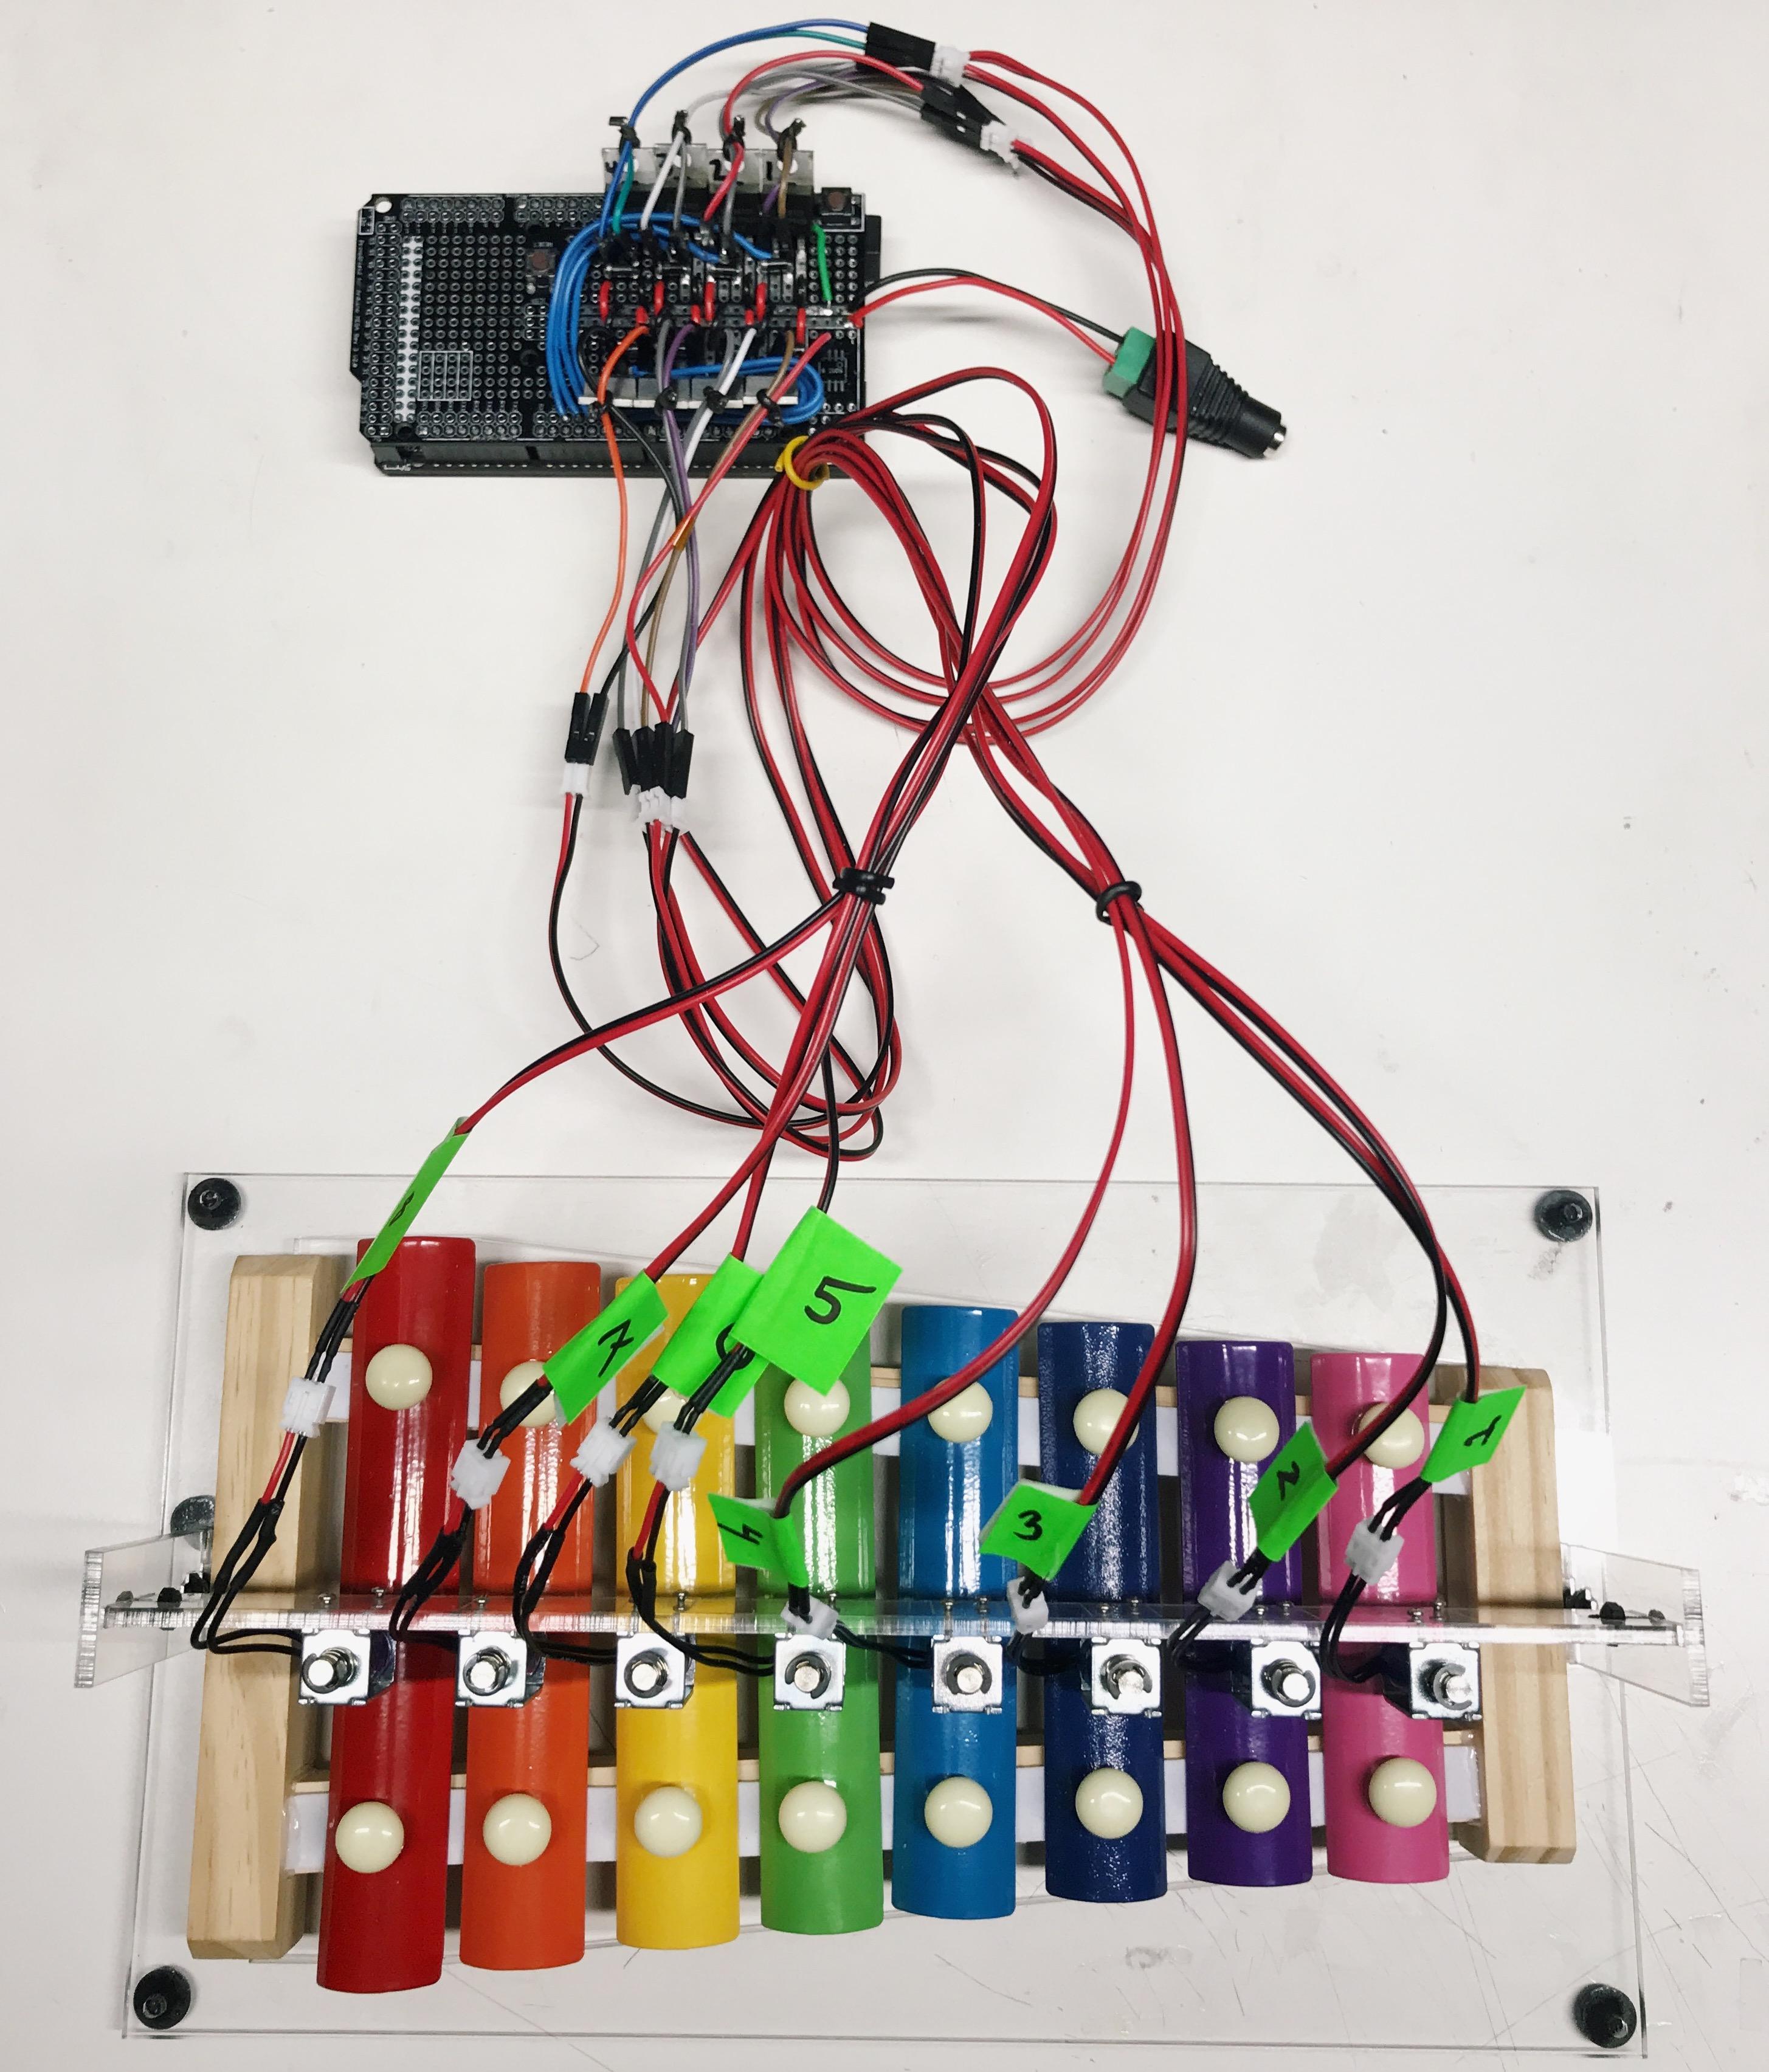 robotics___cnc_638E3FC7-113C-4342-BFE5-1E15C43B6655.jpg